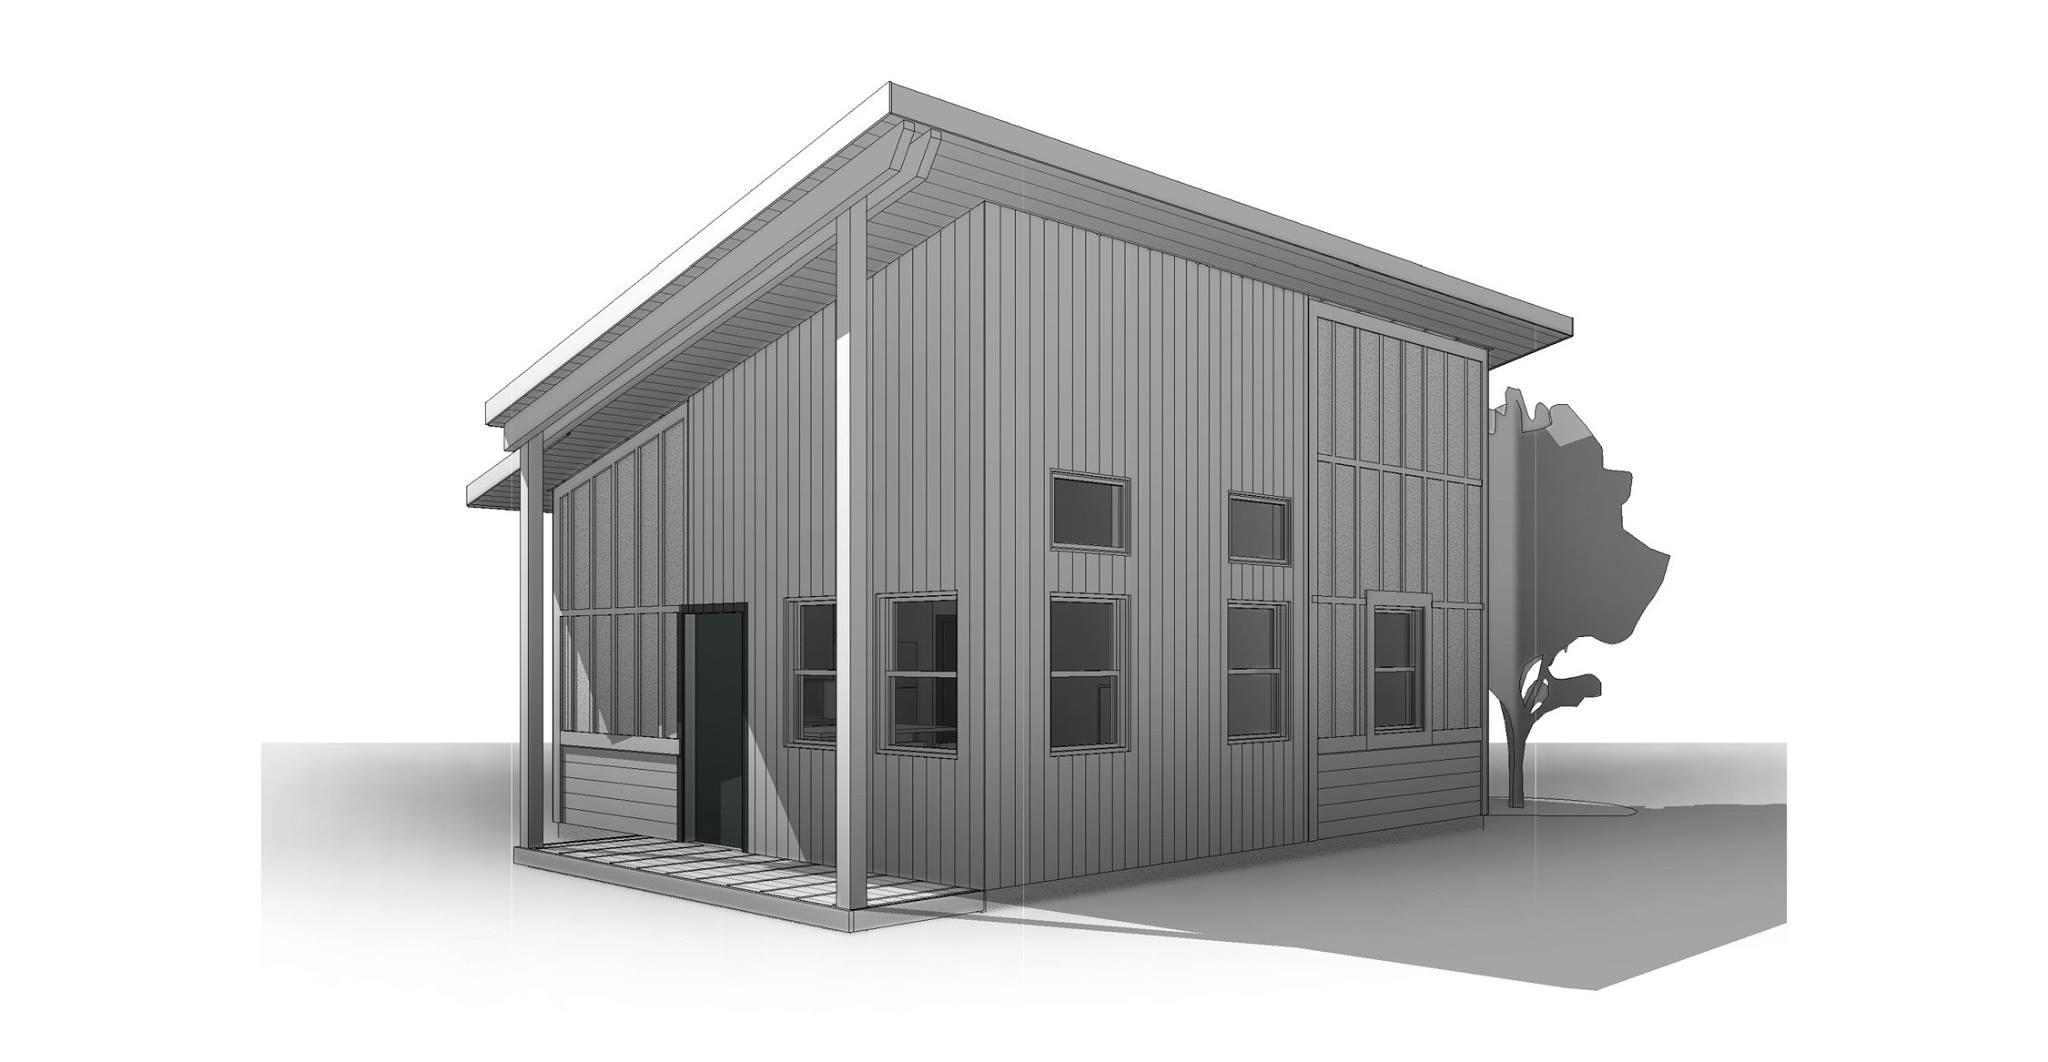 Southside Flat Jl Design Build